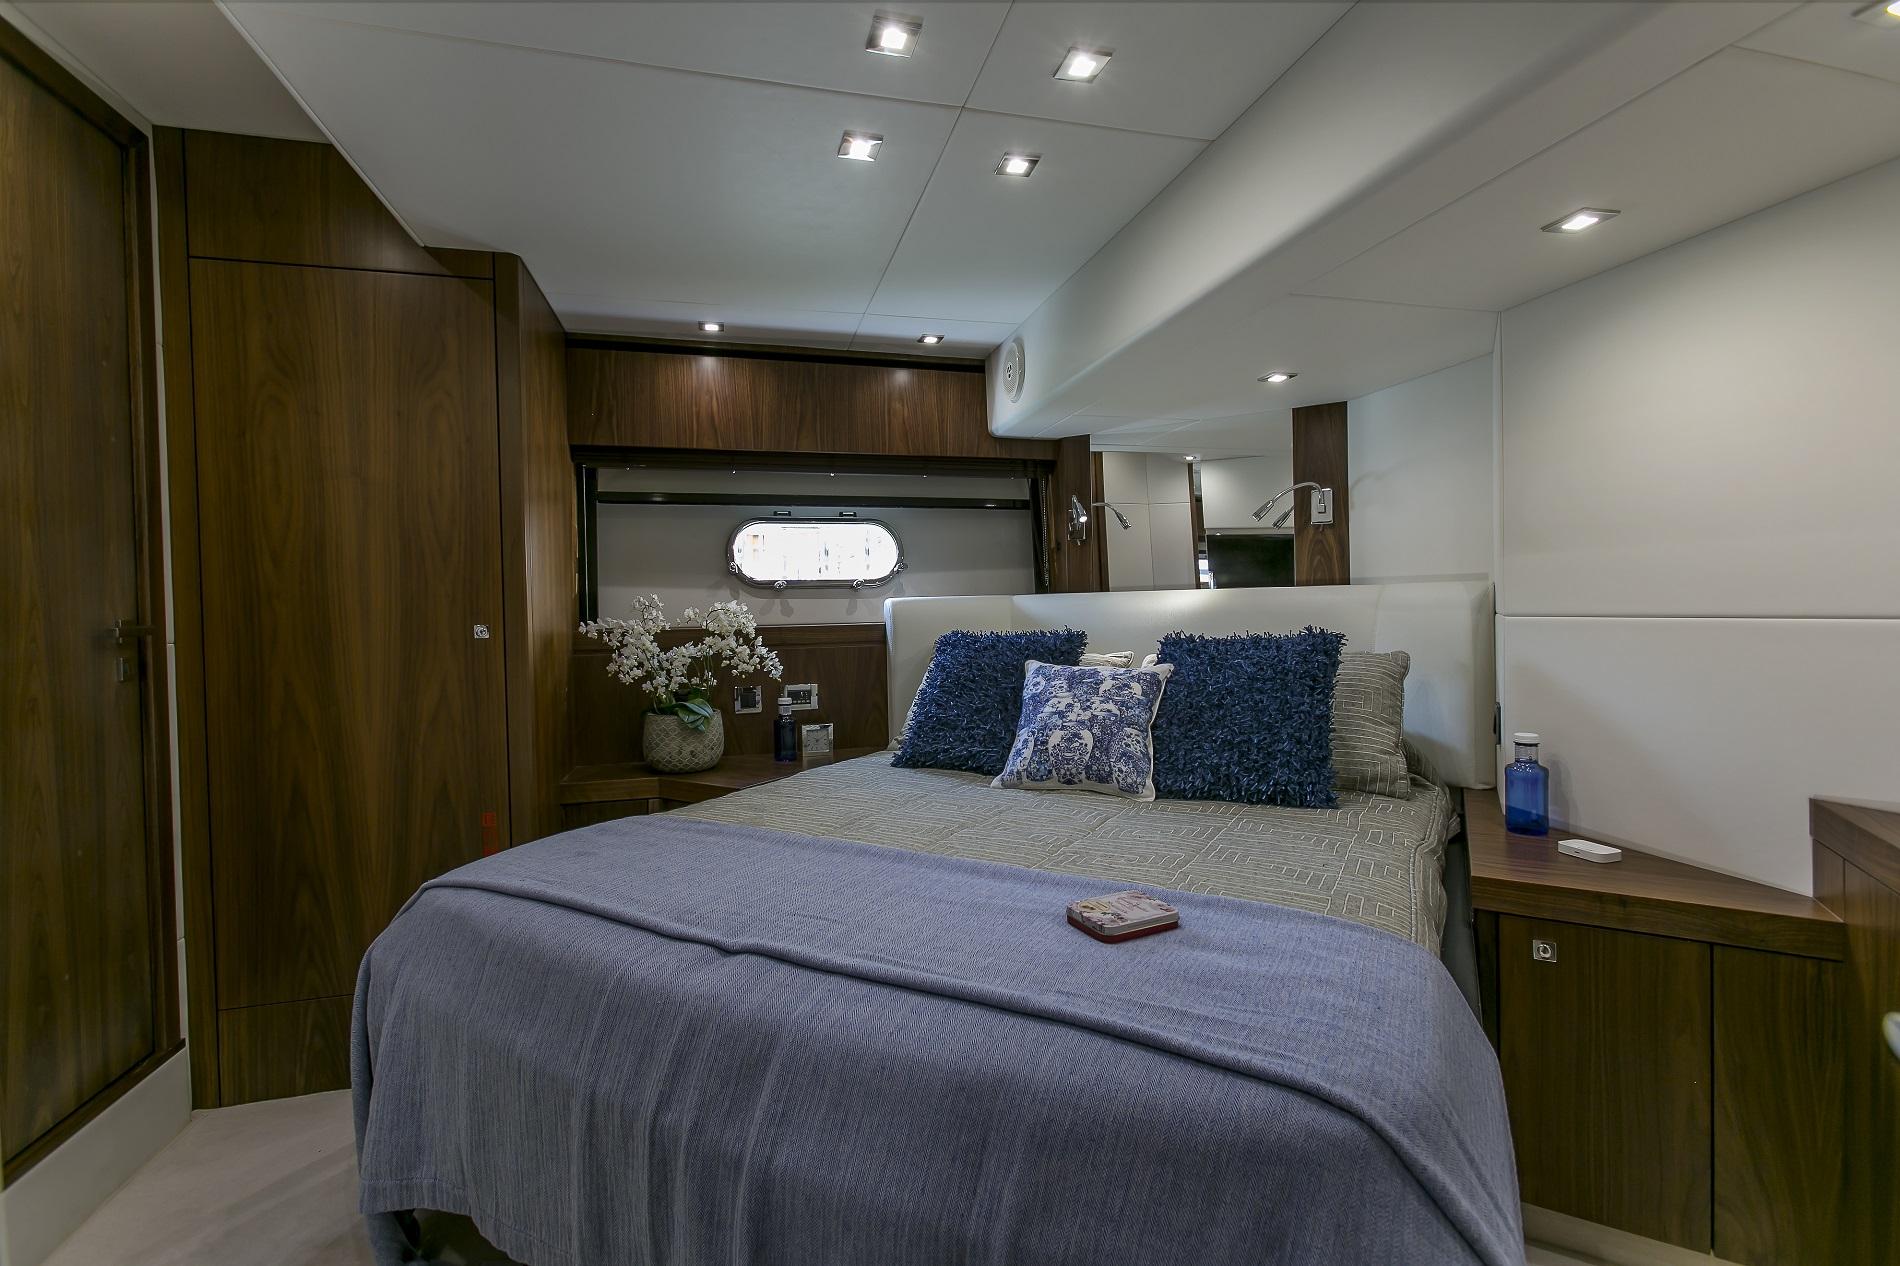 Sunseeker yacht 73M - Double cabin